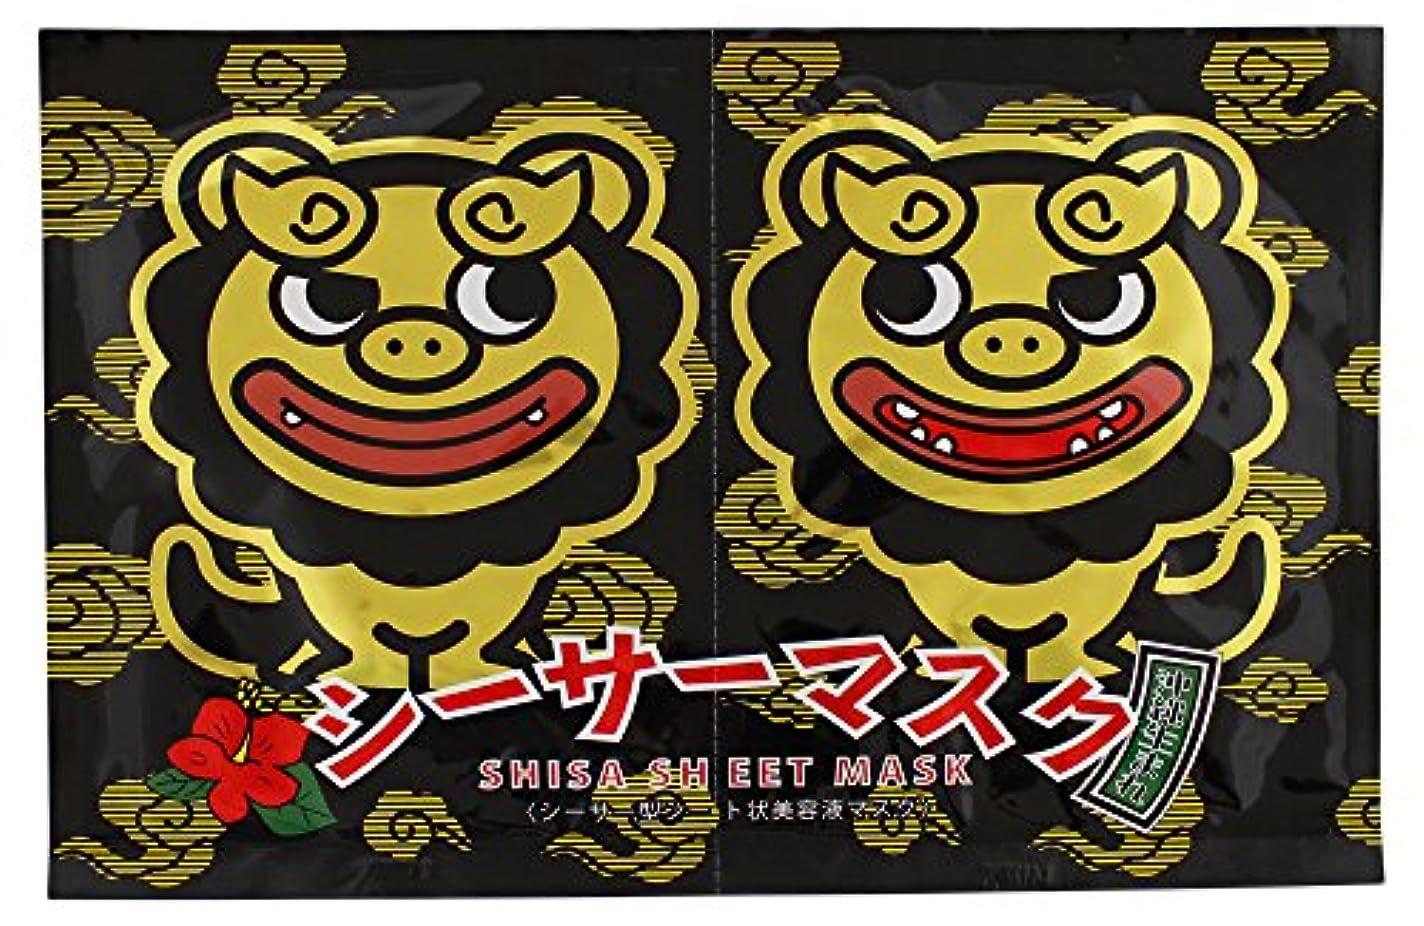 焦げホテル価格シーサーマスク(黒) 20パック(40シート)入り内箱